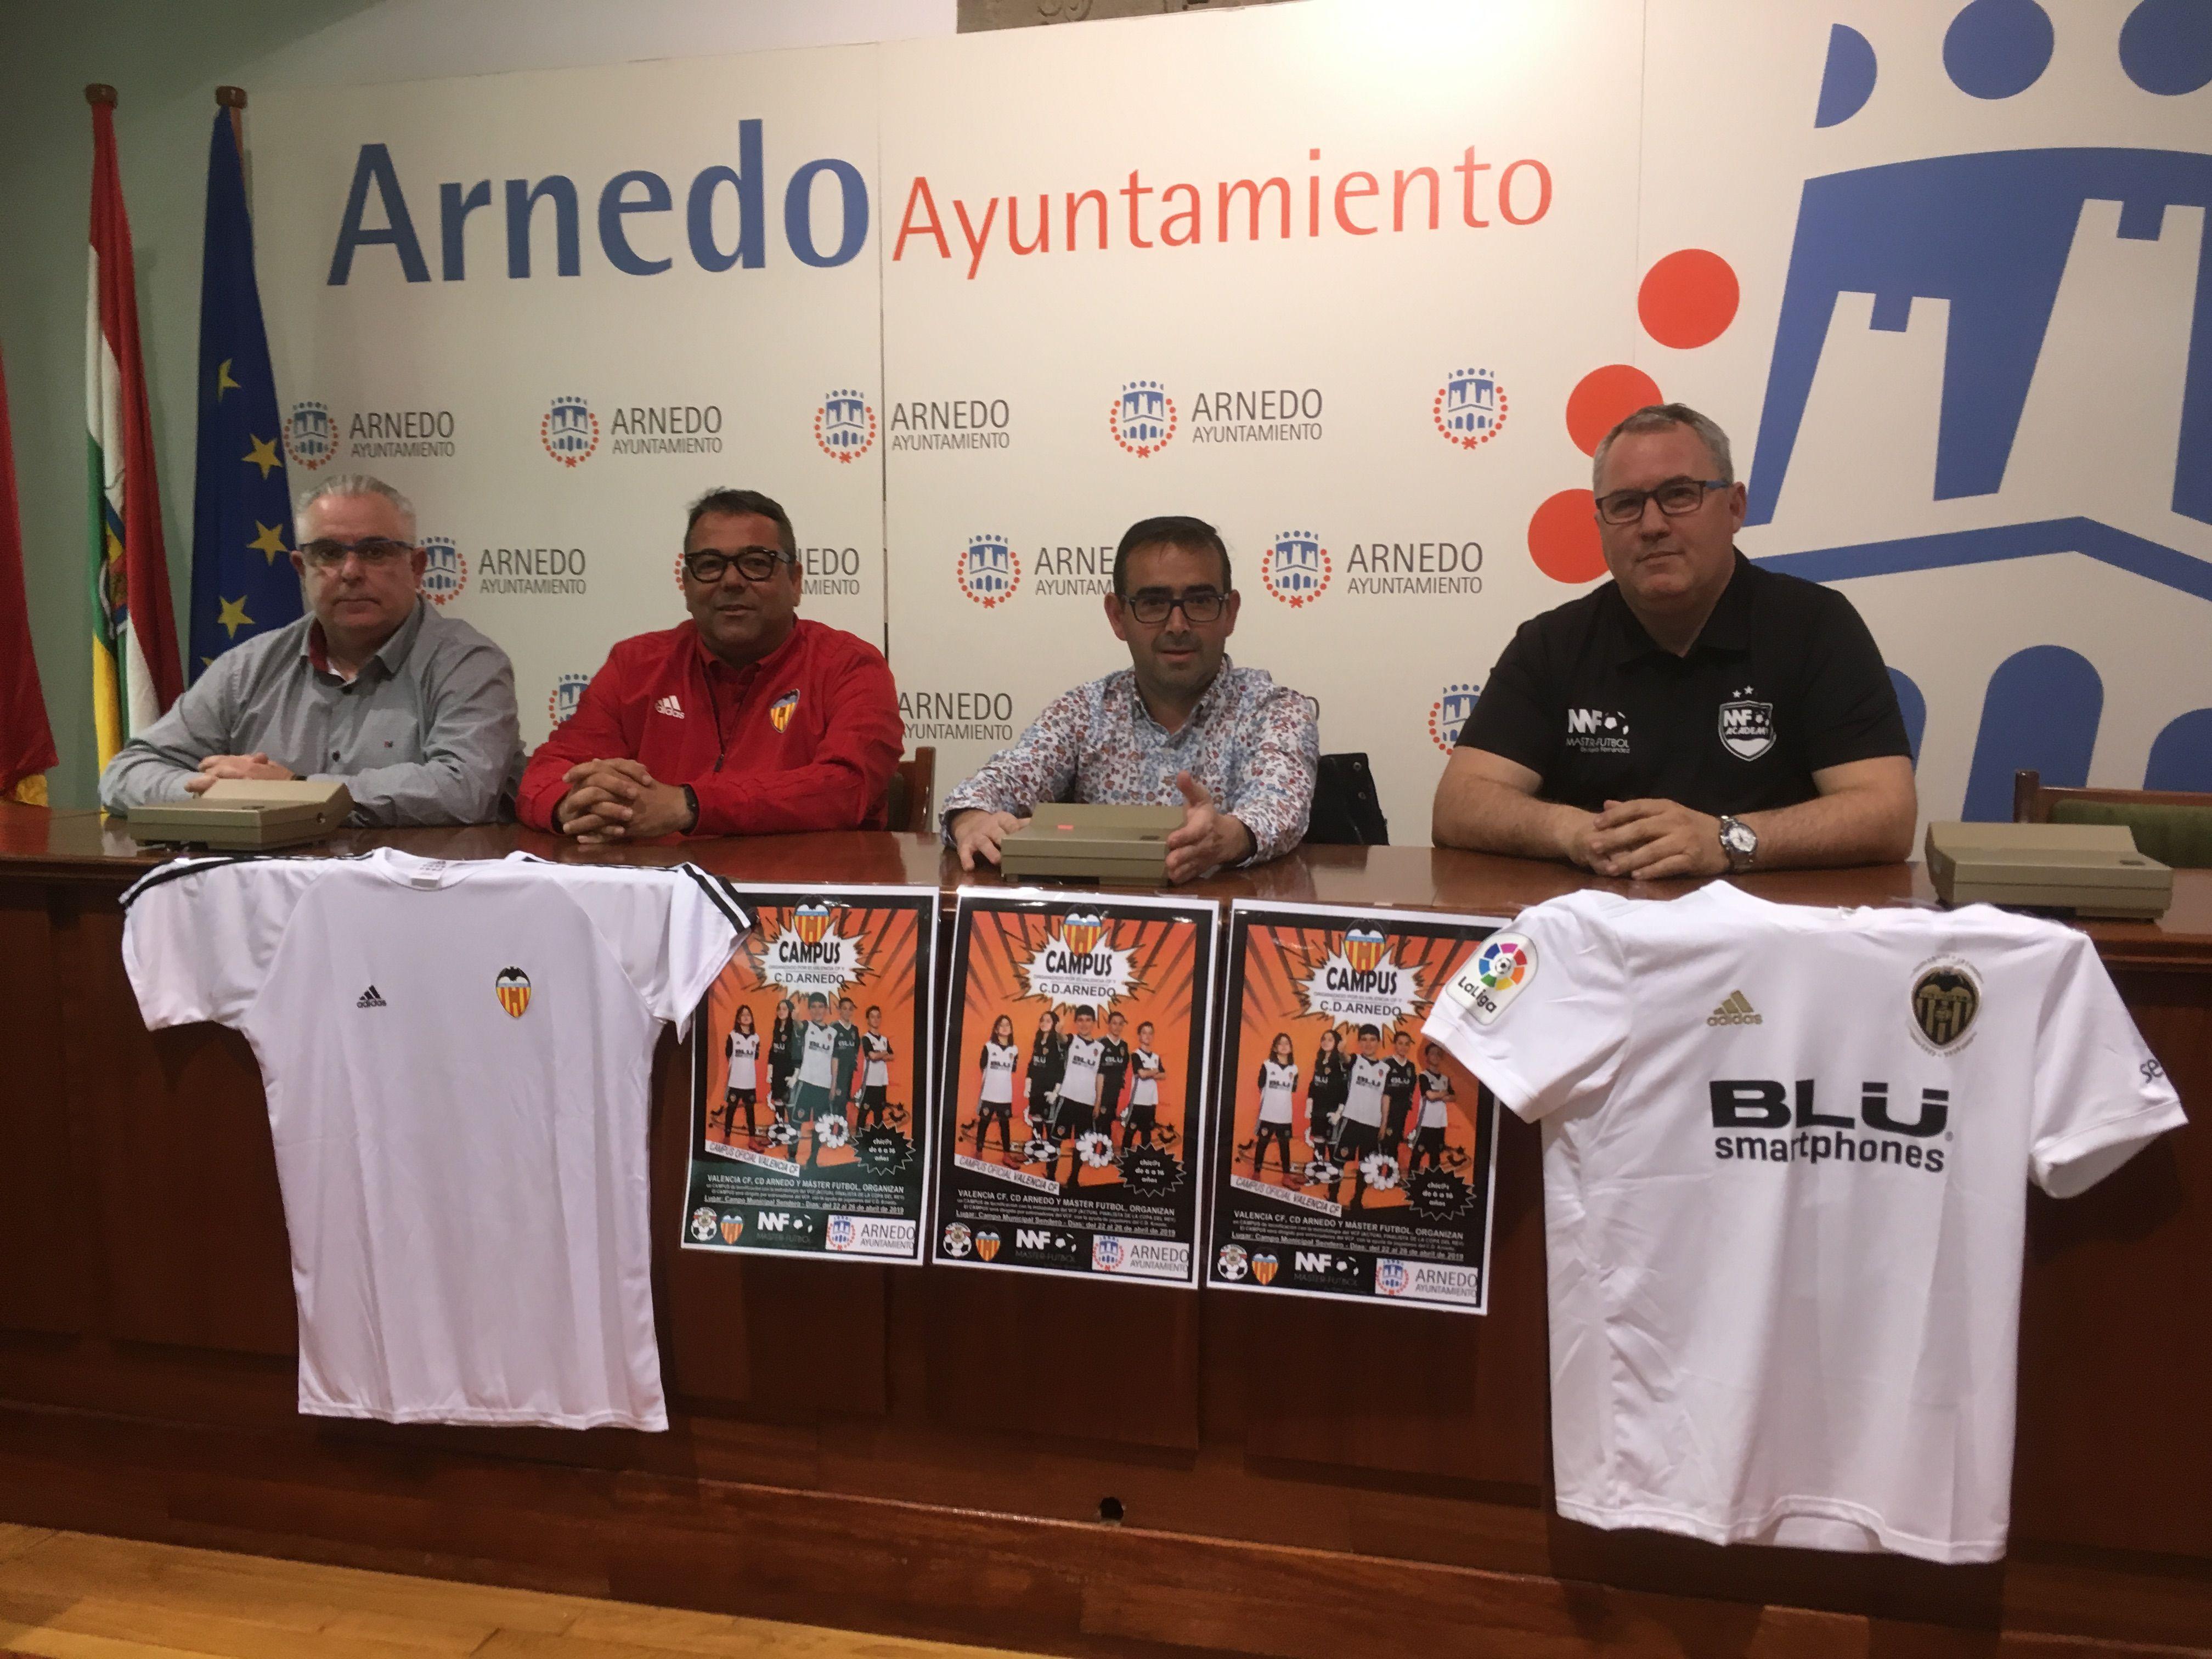 Ayuntamiento de arnedo presentado el campus de f tbol for Valencia cf oficinas